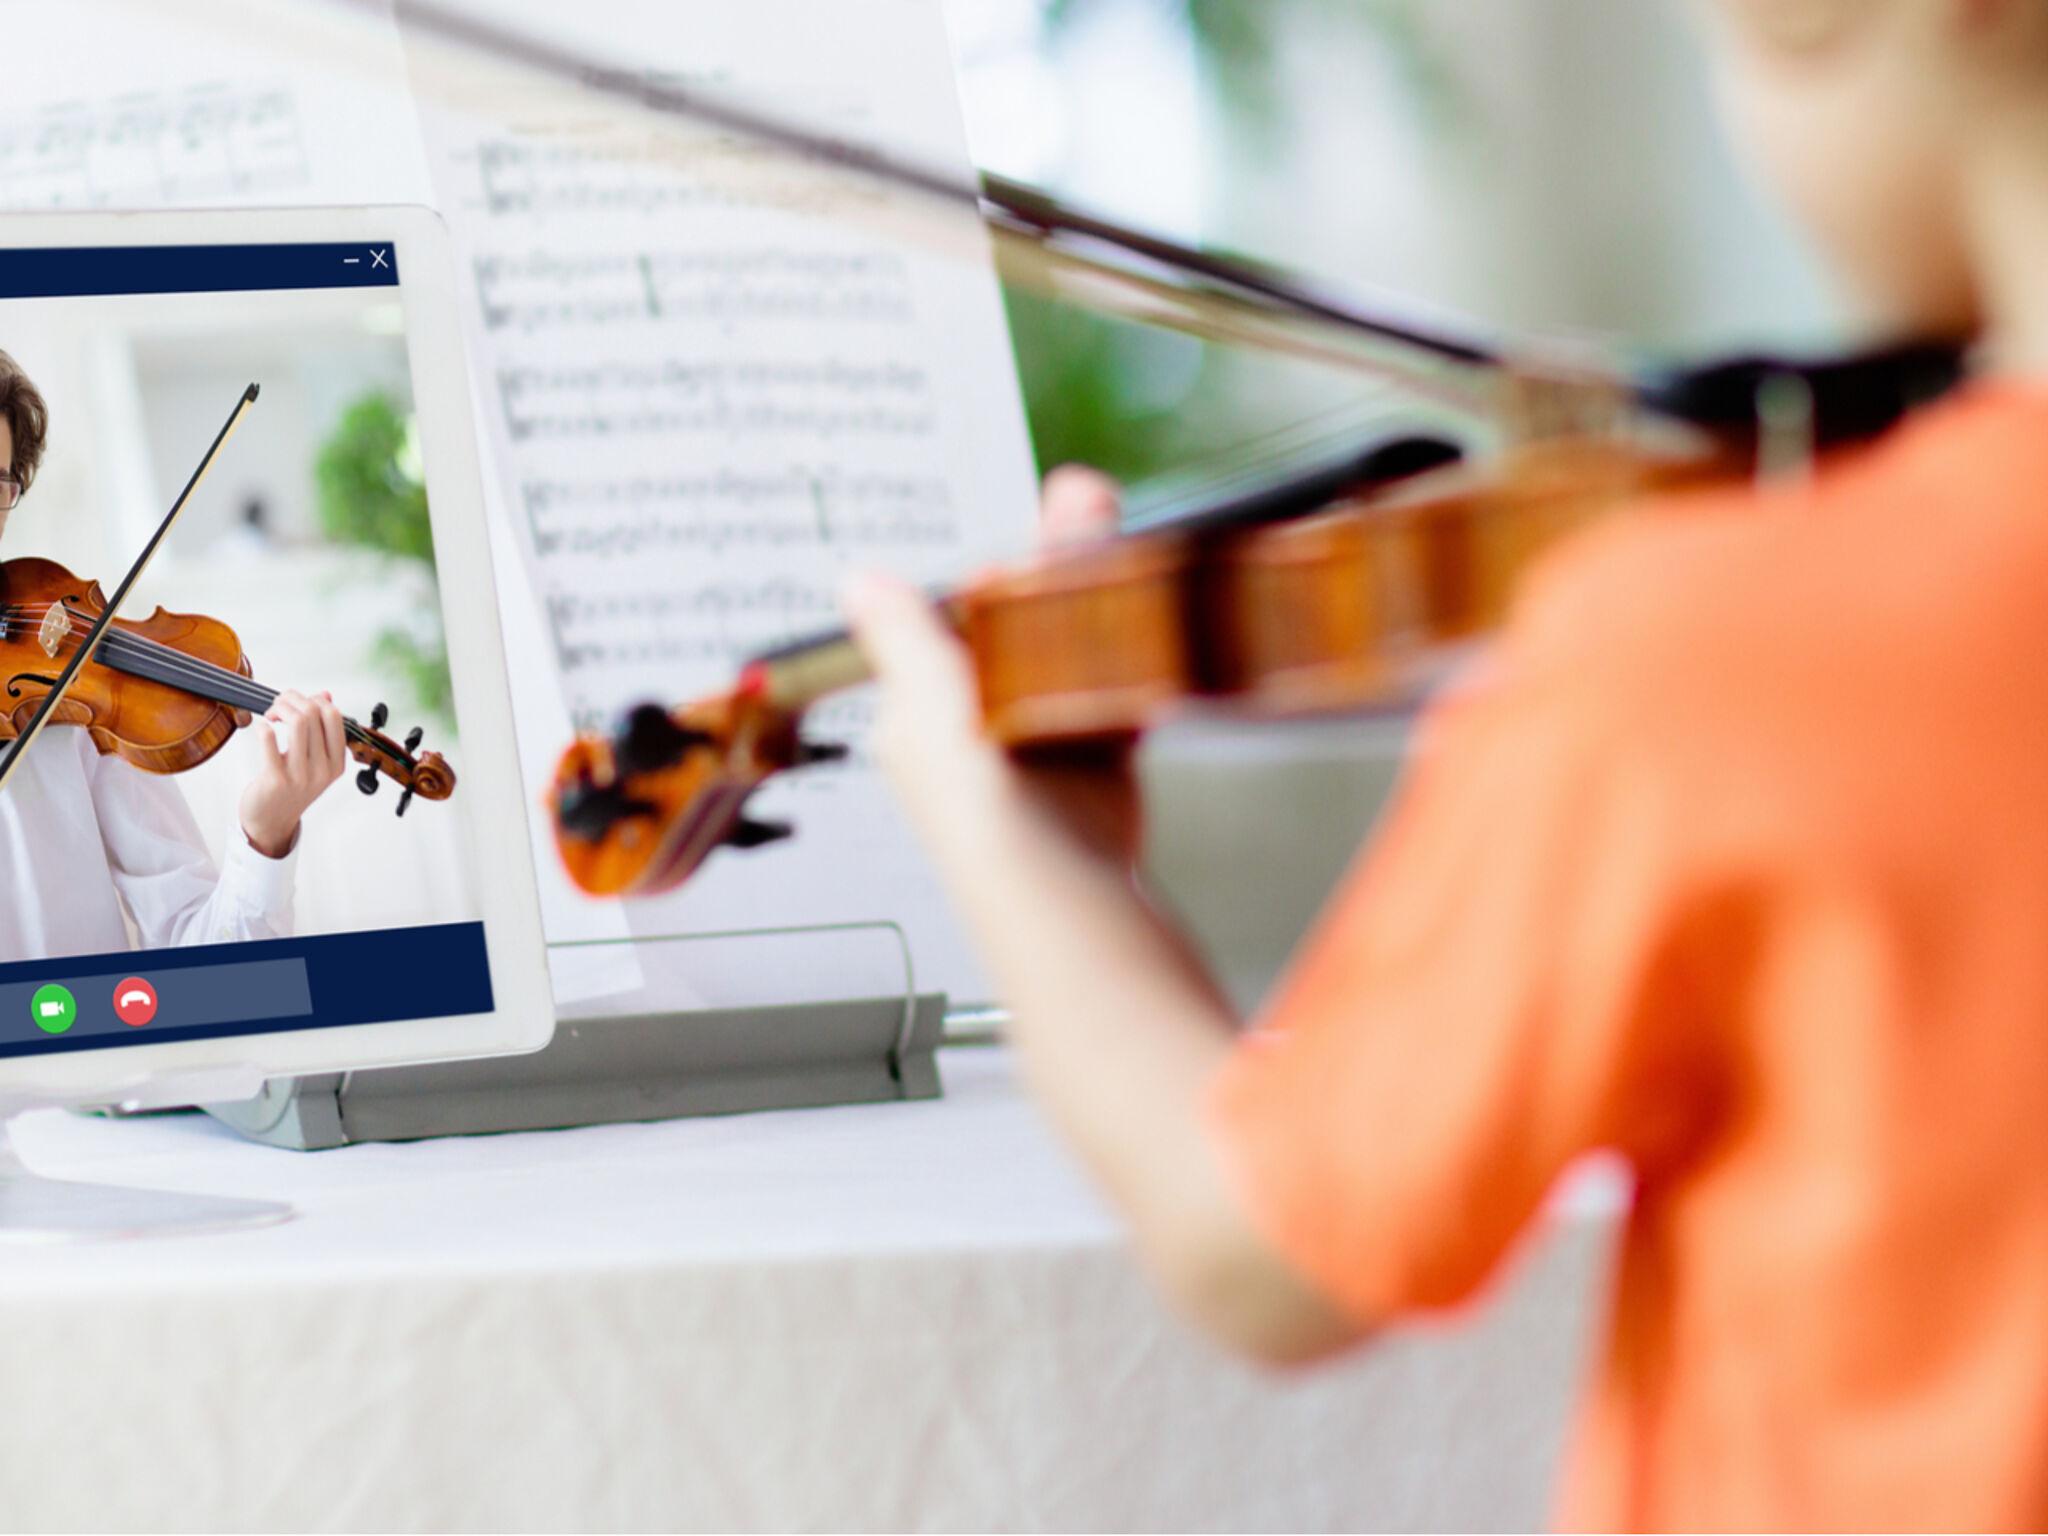 子どもが自宅でオンラインでヴァイオリンの指導を受けている画像